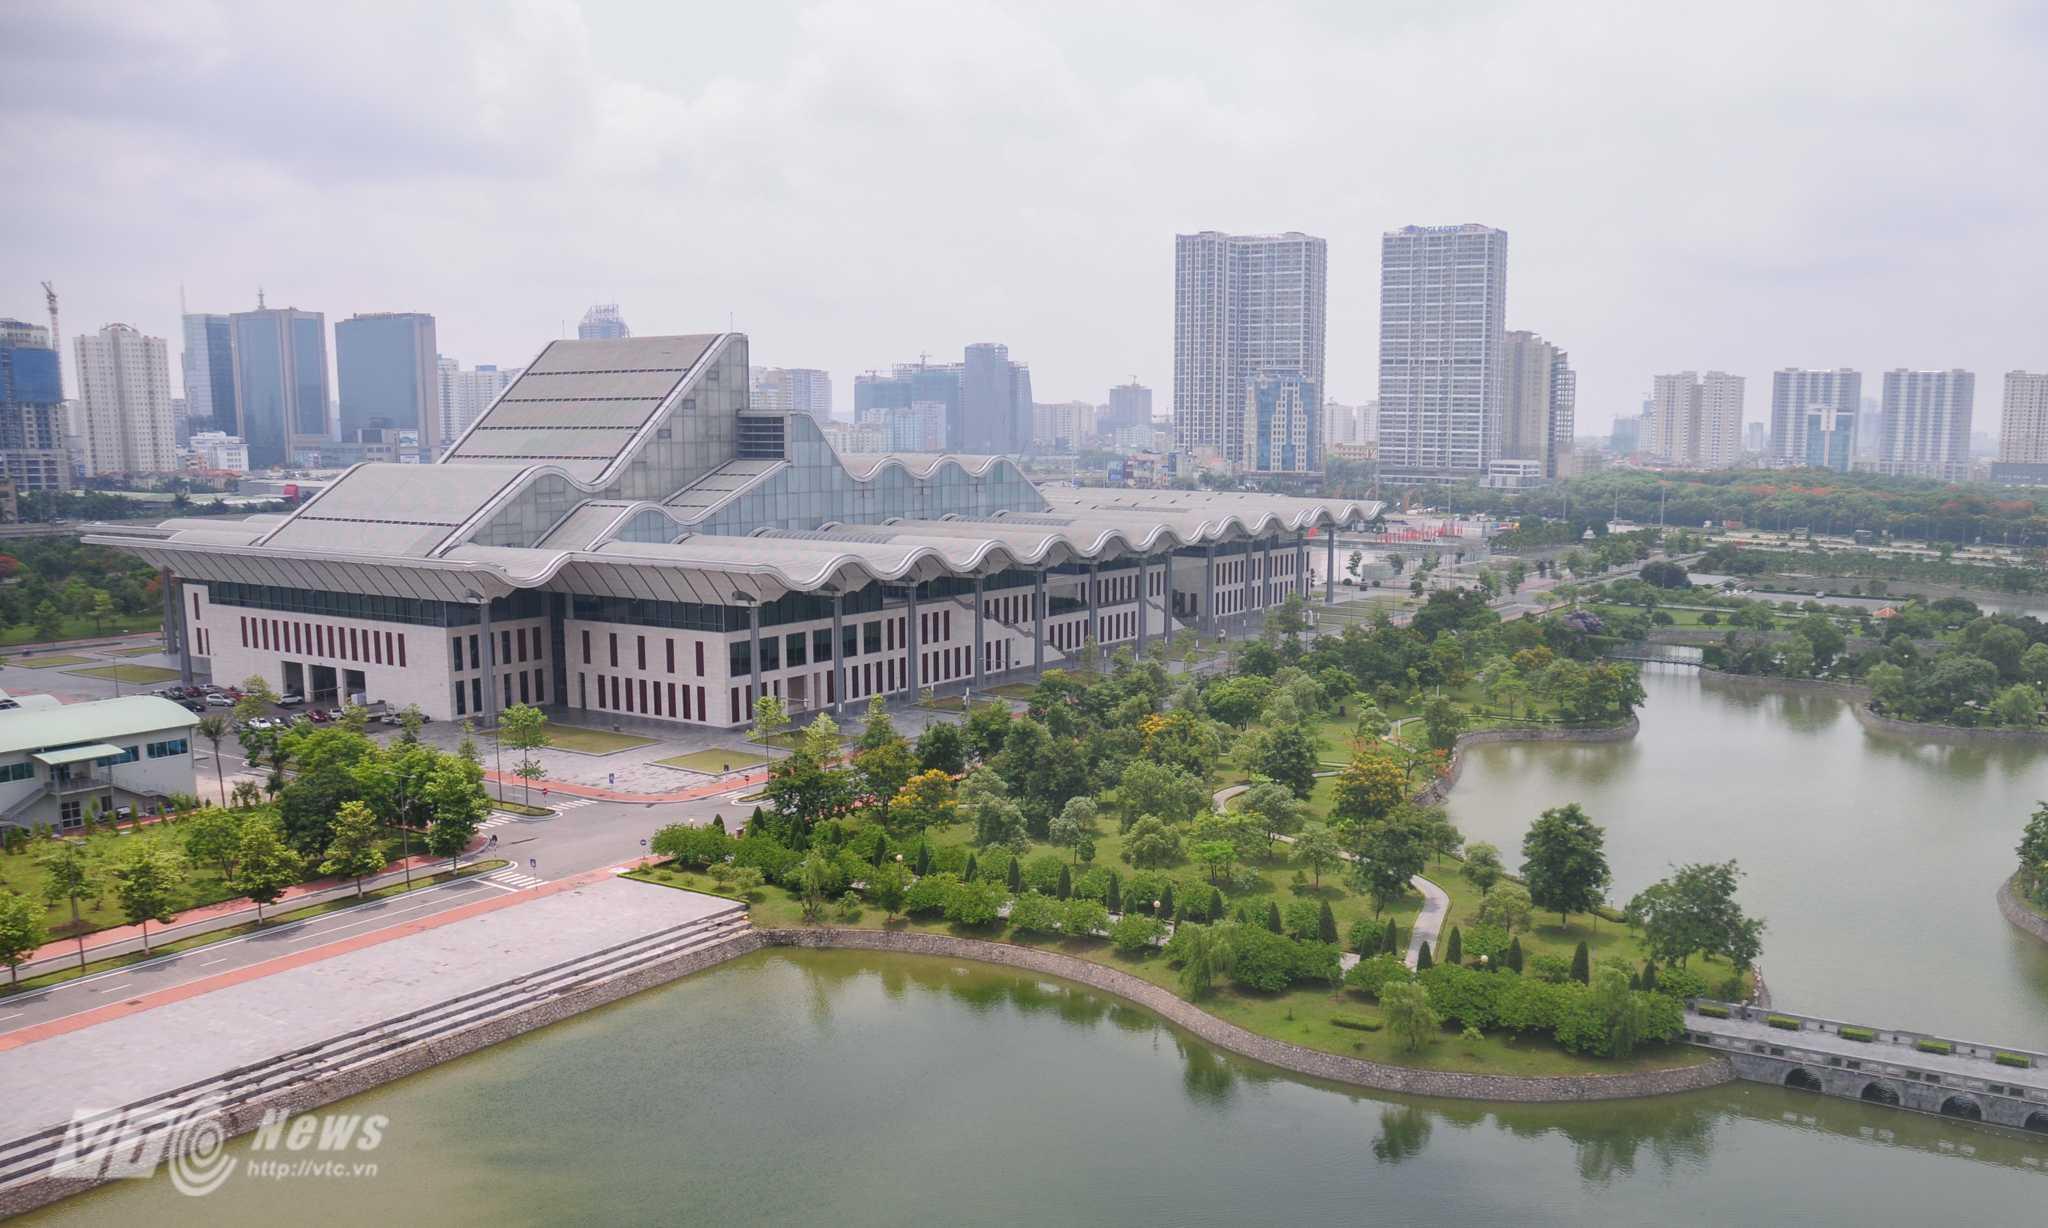 Phòng Tổng thống của khách sạn JW Marriot có diện tích 320m2, được thuê với giá 7.000 USD/đêm - Ảnh: Tùng Đinh